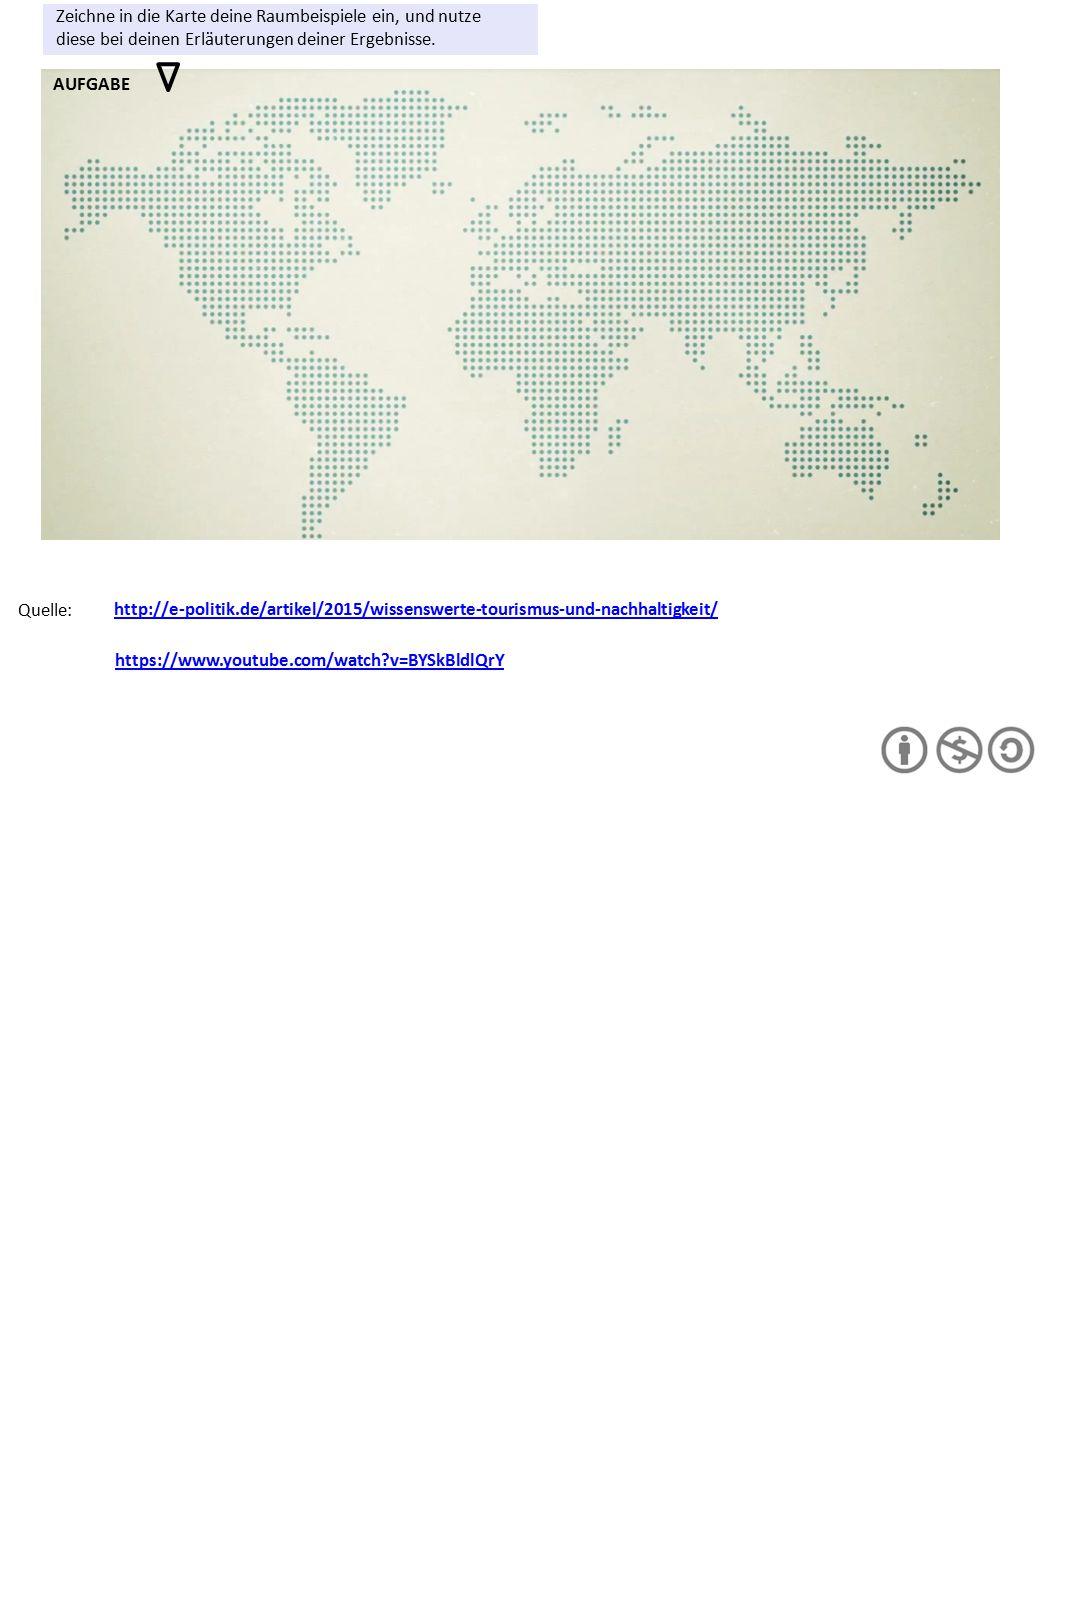 http://e-politik.de/artikel/2015/wissenswerte-tourismus-und-nachhaltigkeit/ Quelle: https://www.youtube.com/watch?v=BYSkBldlQrY AUFGABE Zeichne in die